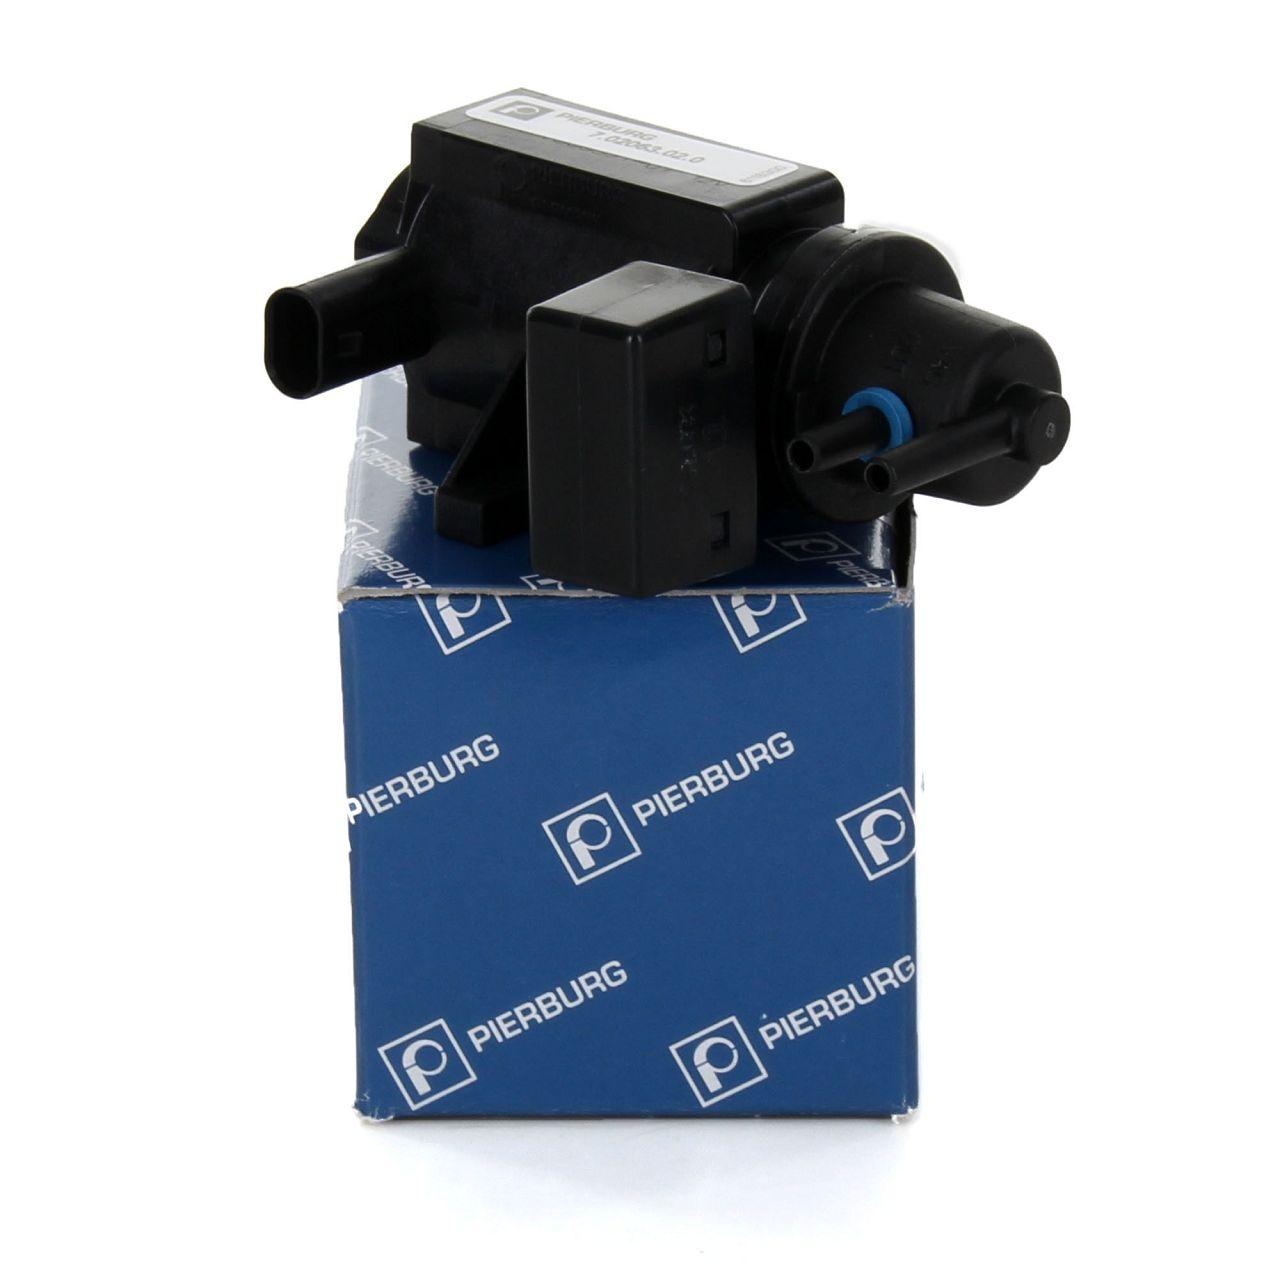 PIERBURG Druckwandler Magnetventil für BMW E81-88 E90 E91 E92 E93 E60 E61 X3 E83